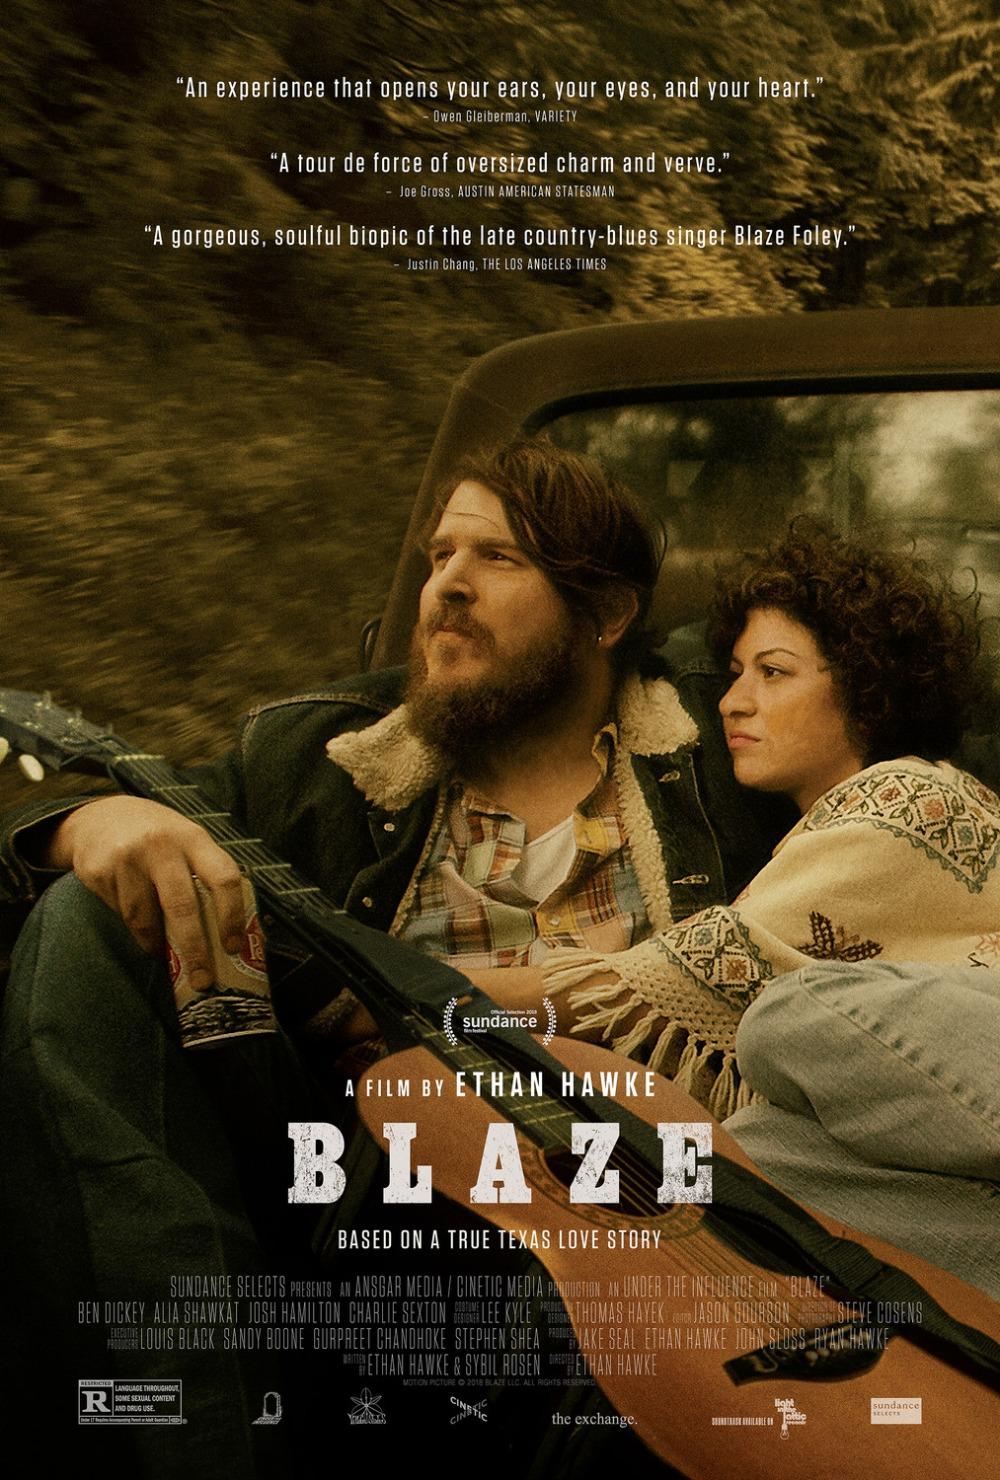 Blaze 2018 movie poster